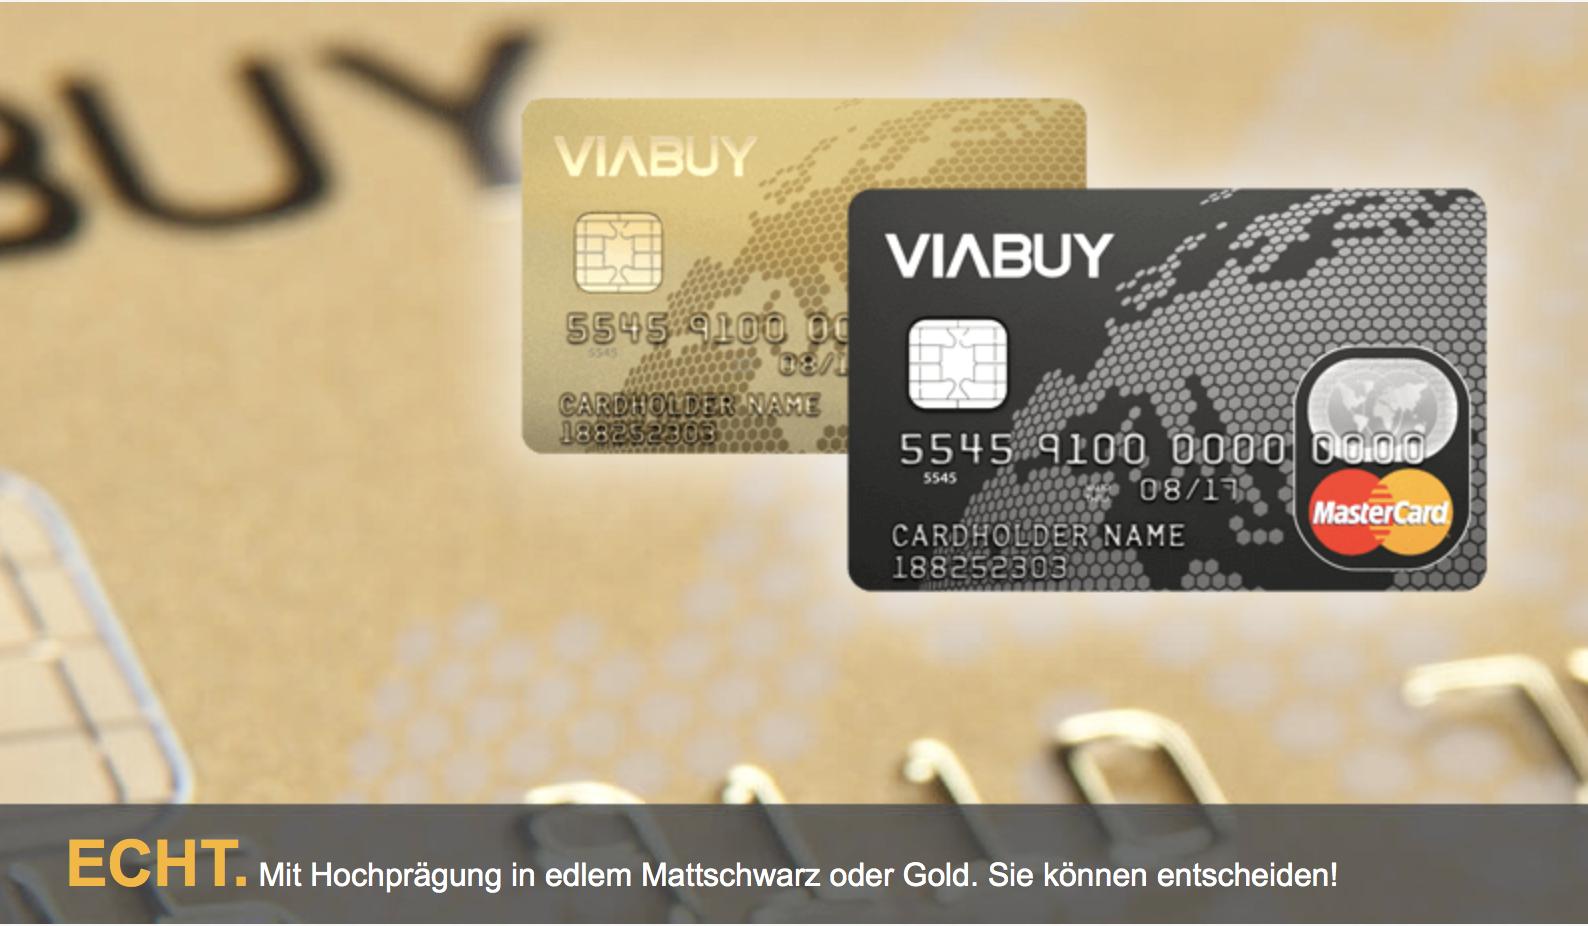 Die VIABUY Kreditkarte ist in verschiedenen Ausführungen erhältlich.